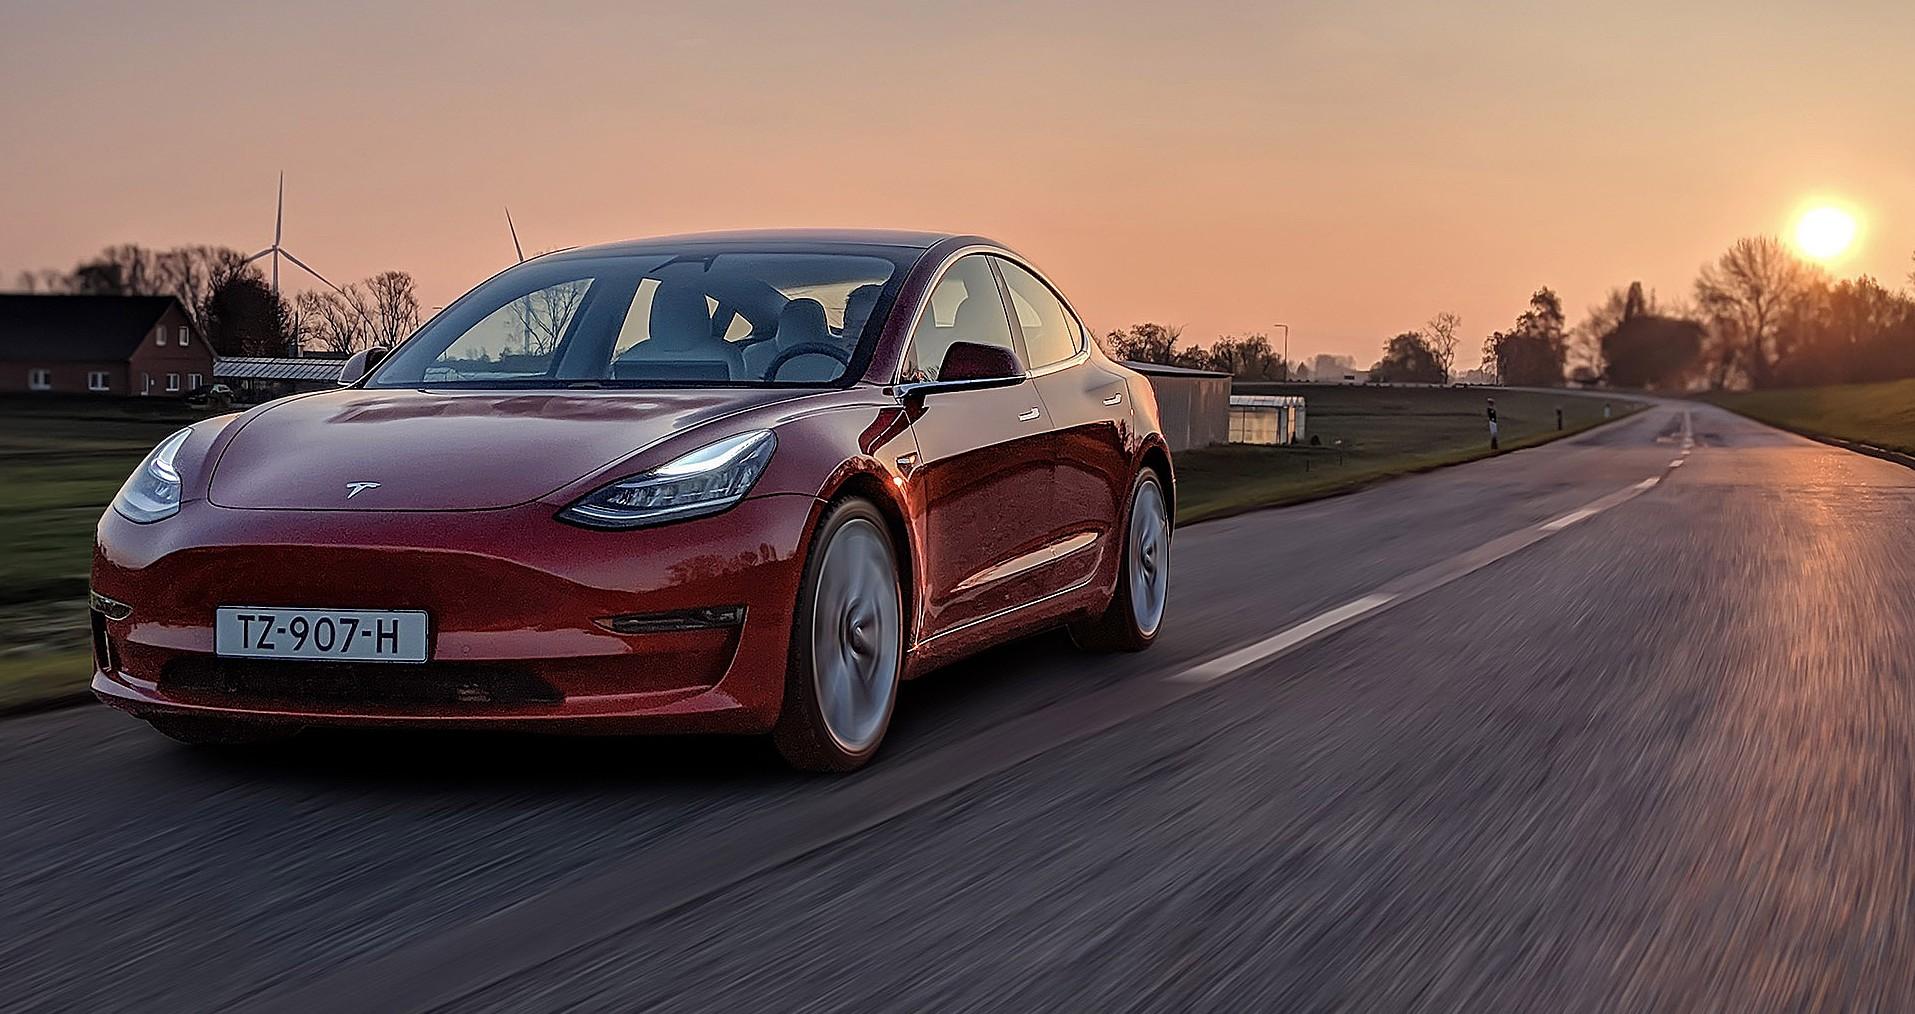 Και το βραβείο για την πιο ανούσια μετατροπή σε αυτοκίνητο της Tesla πάει… (pics)